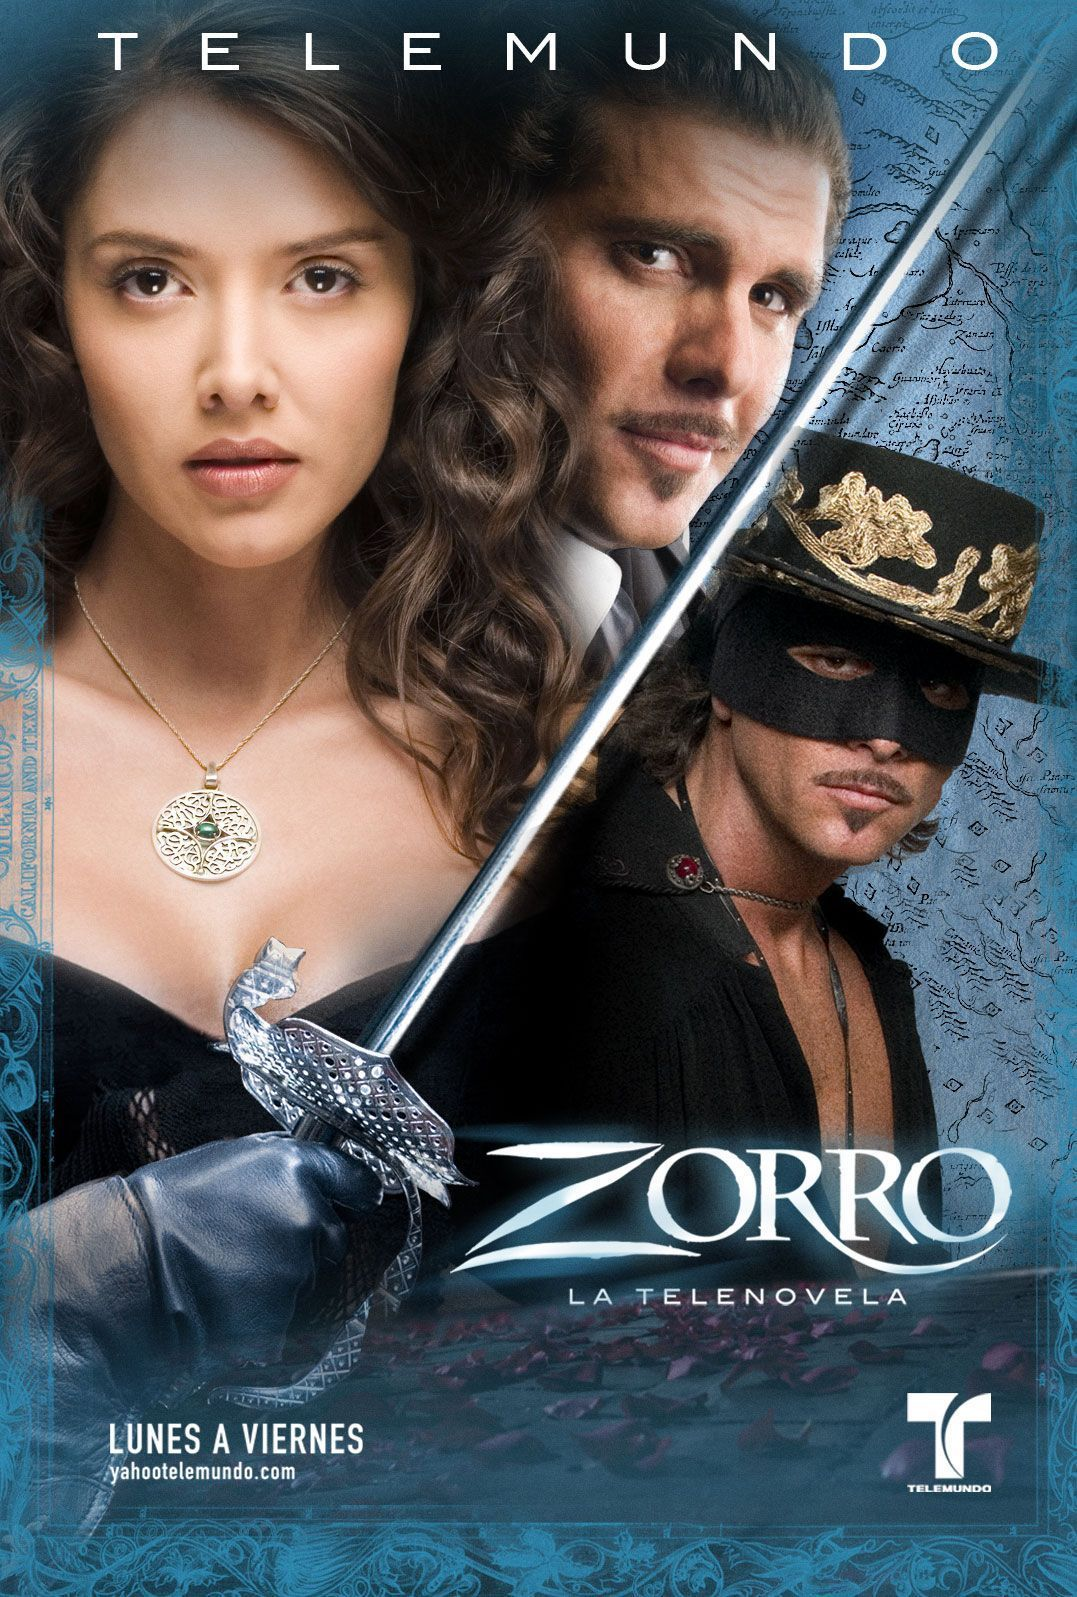 El Zorro Cast